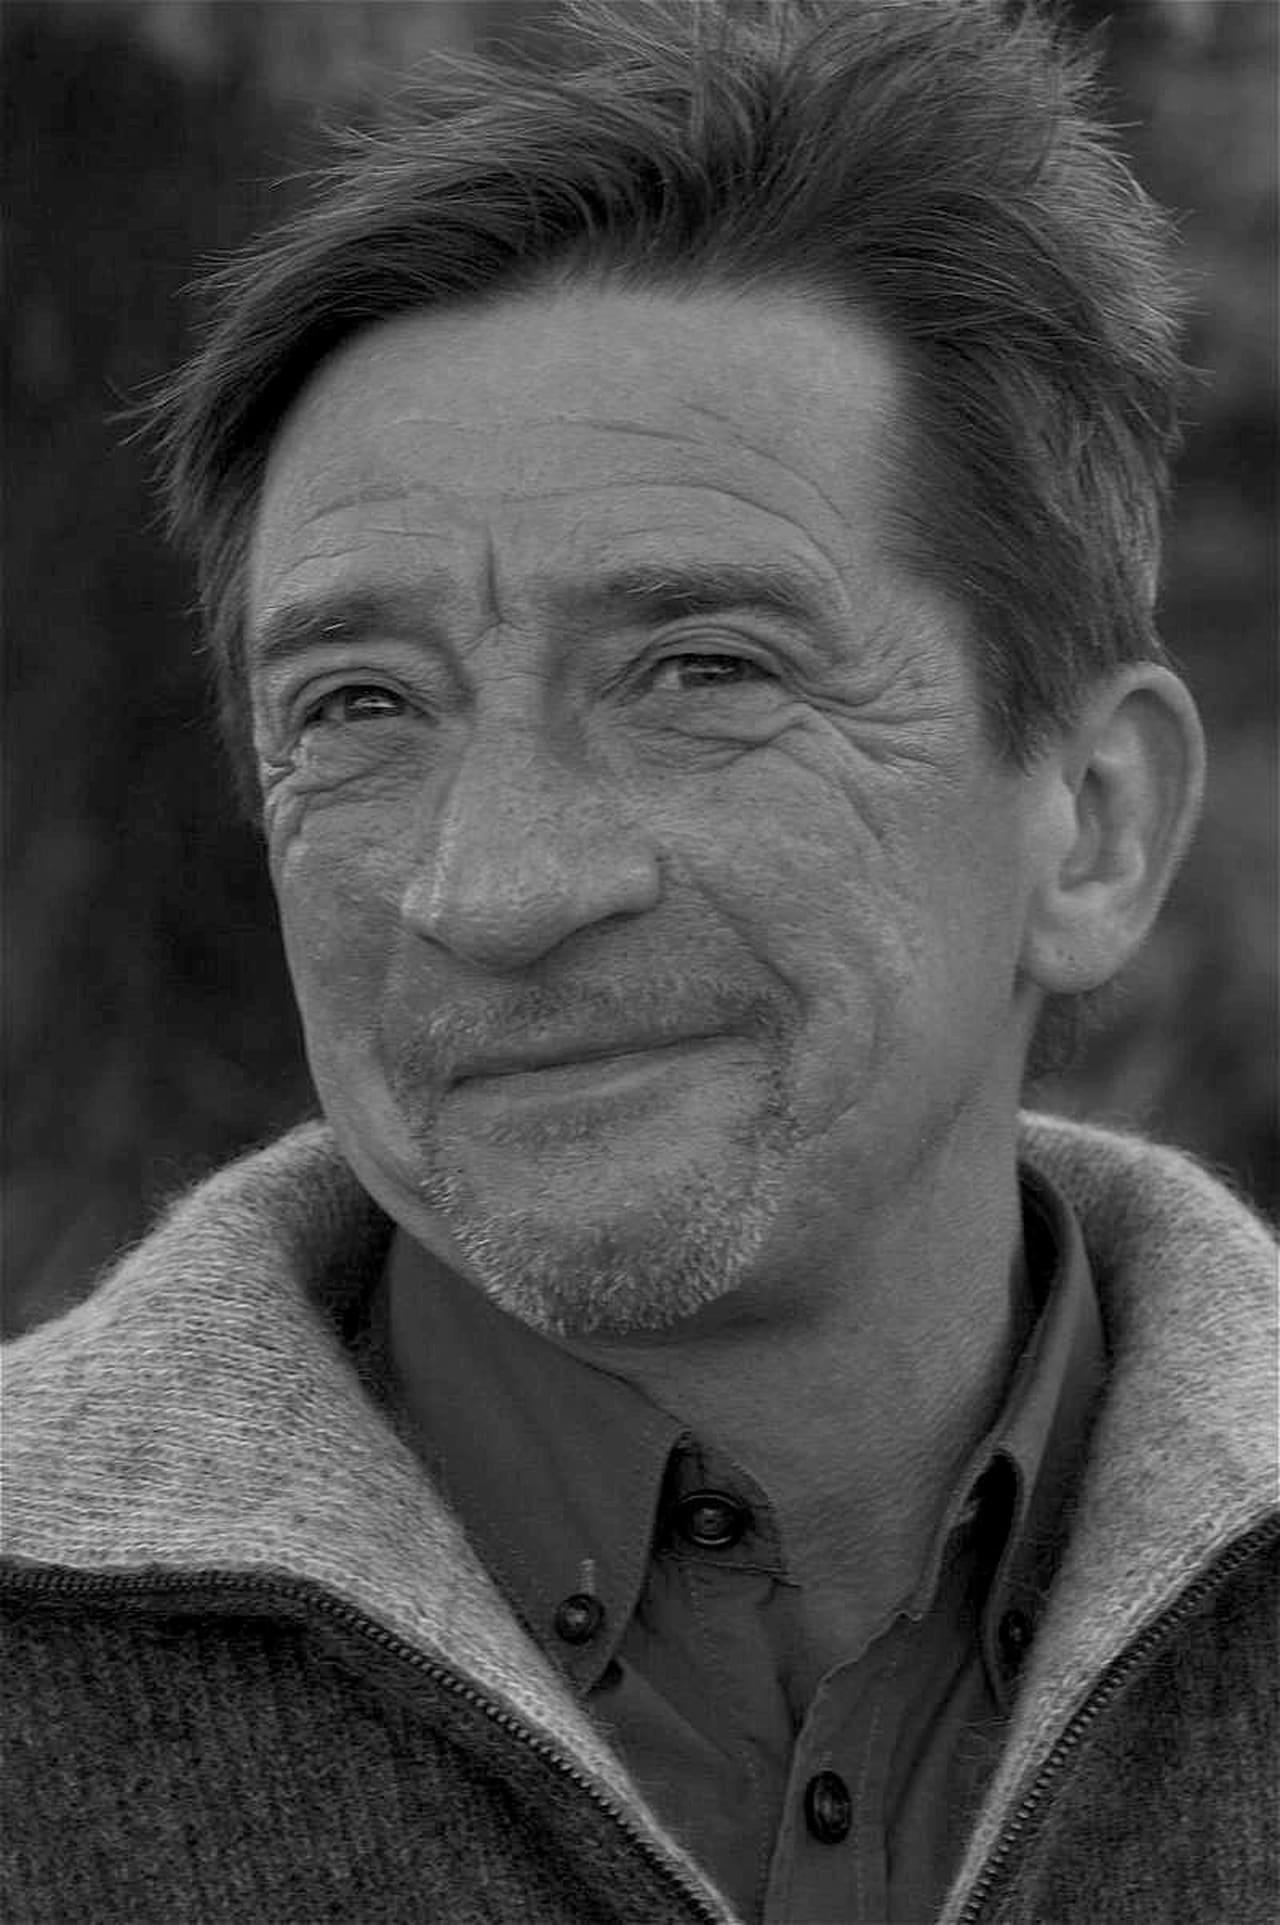 Peter Damm-Ottesen